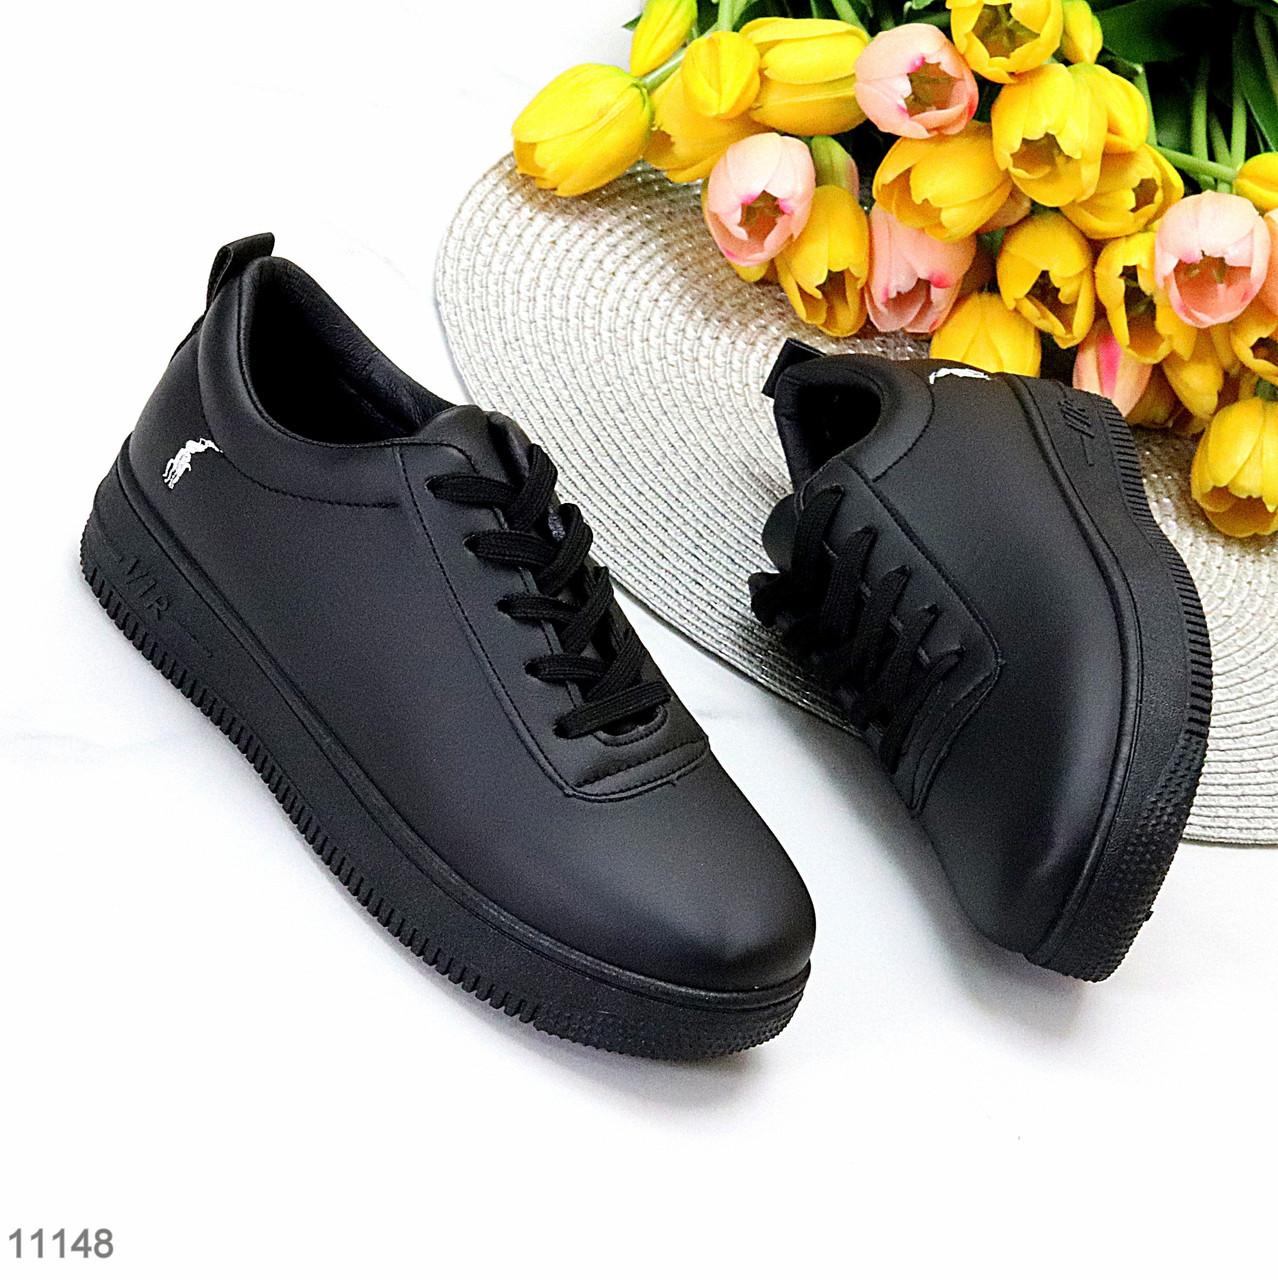 Молодіжні чорні жіночі повсякденні кросівки під джинси 39-25,5 см